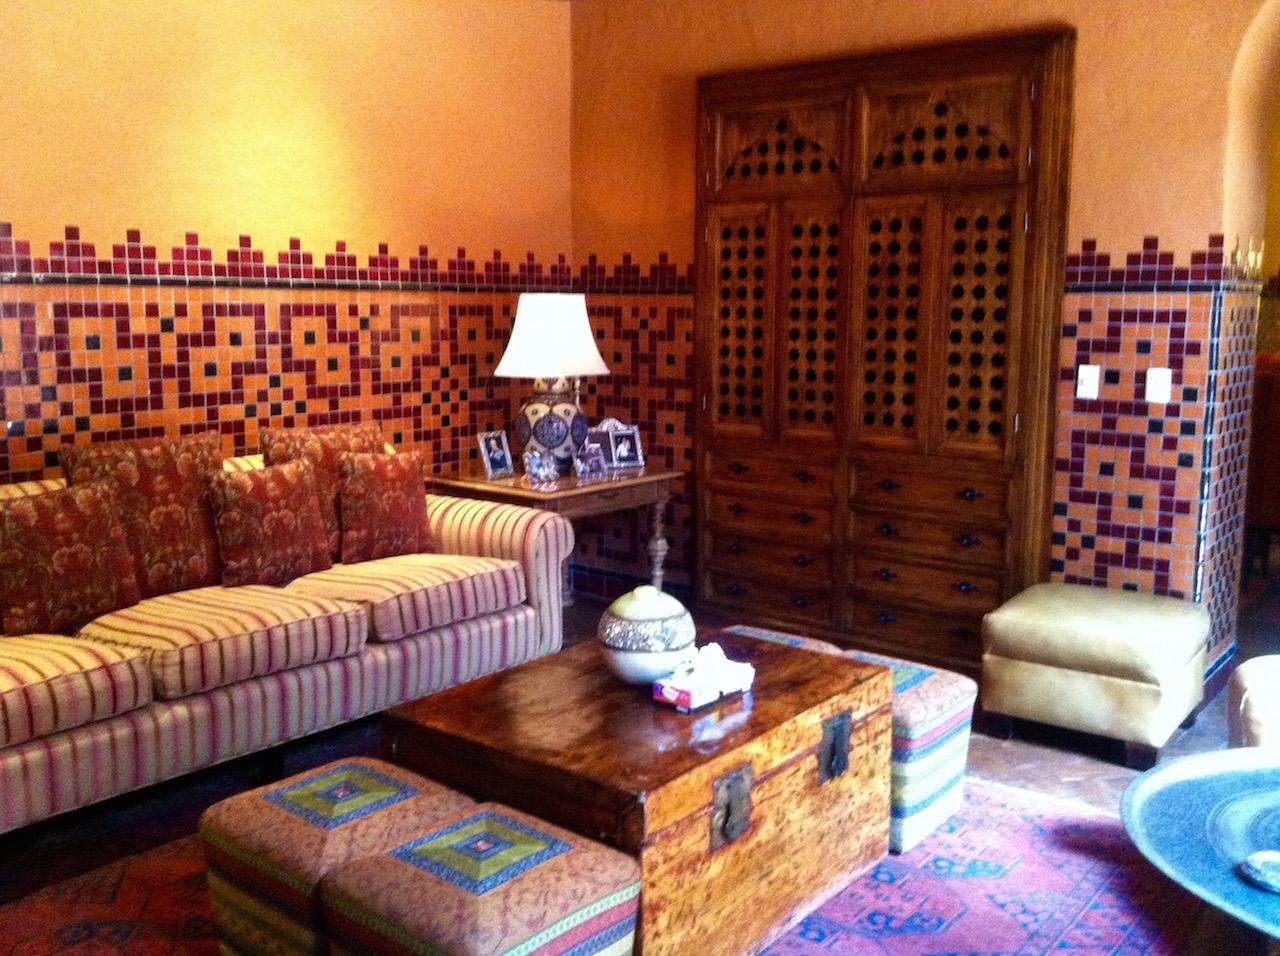 CasaZeta_02 living room